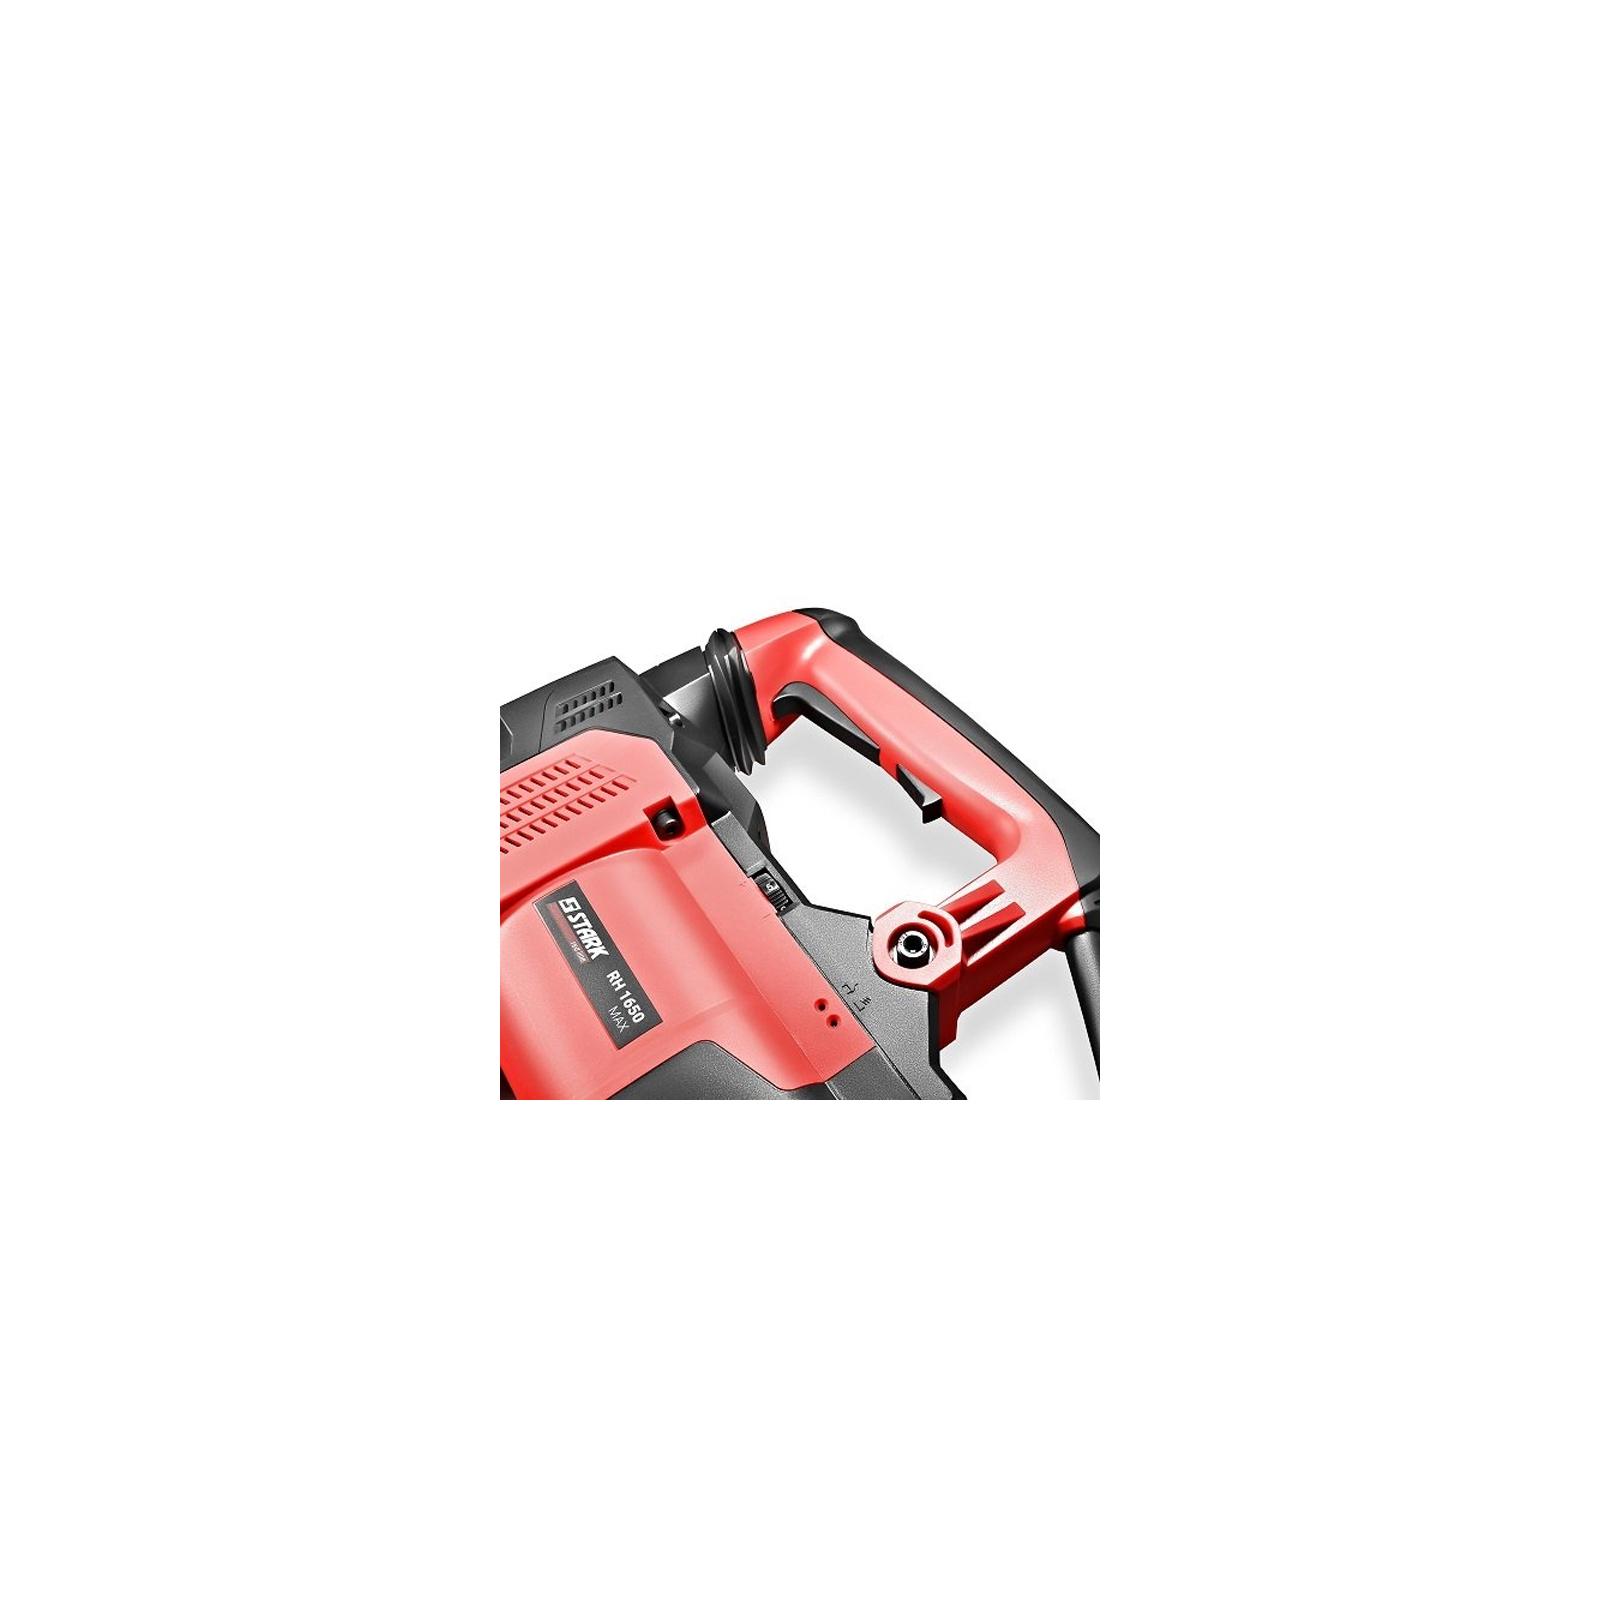 Отбойный молоток Stark RH 1650 MAX (140065030) изображение 3